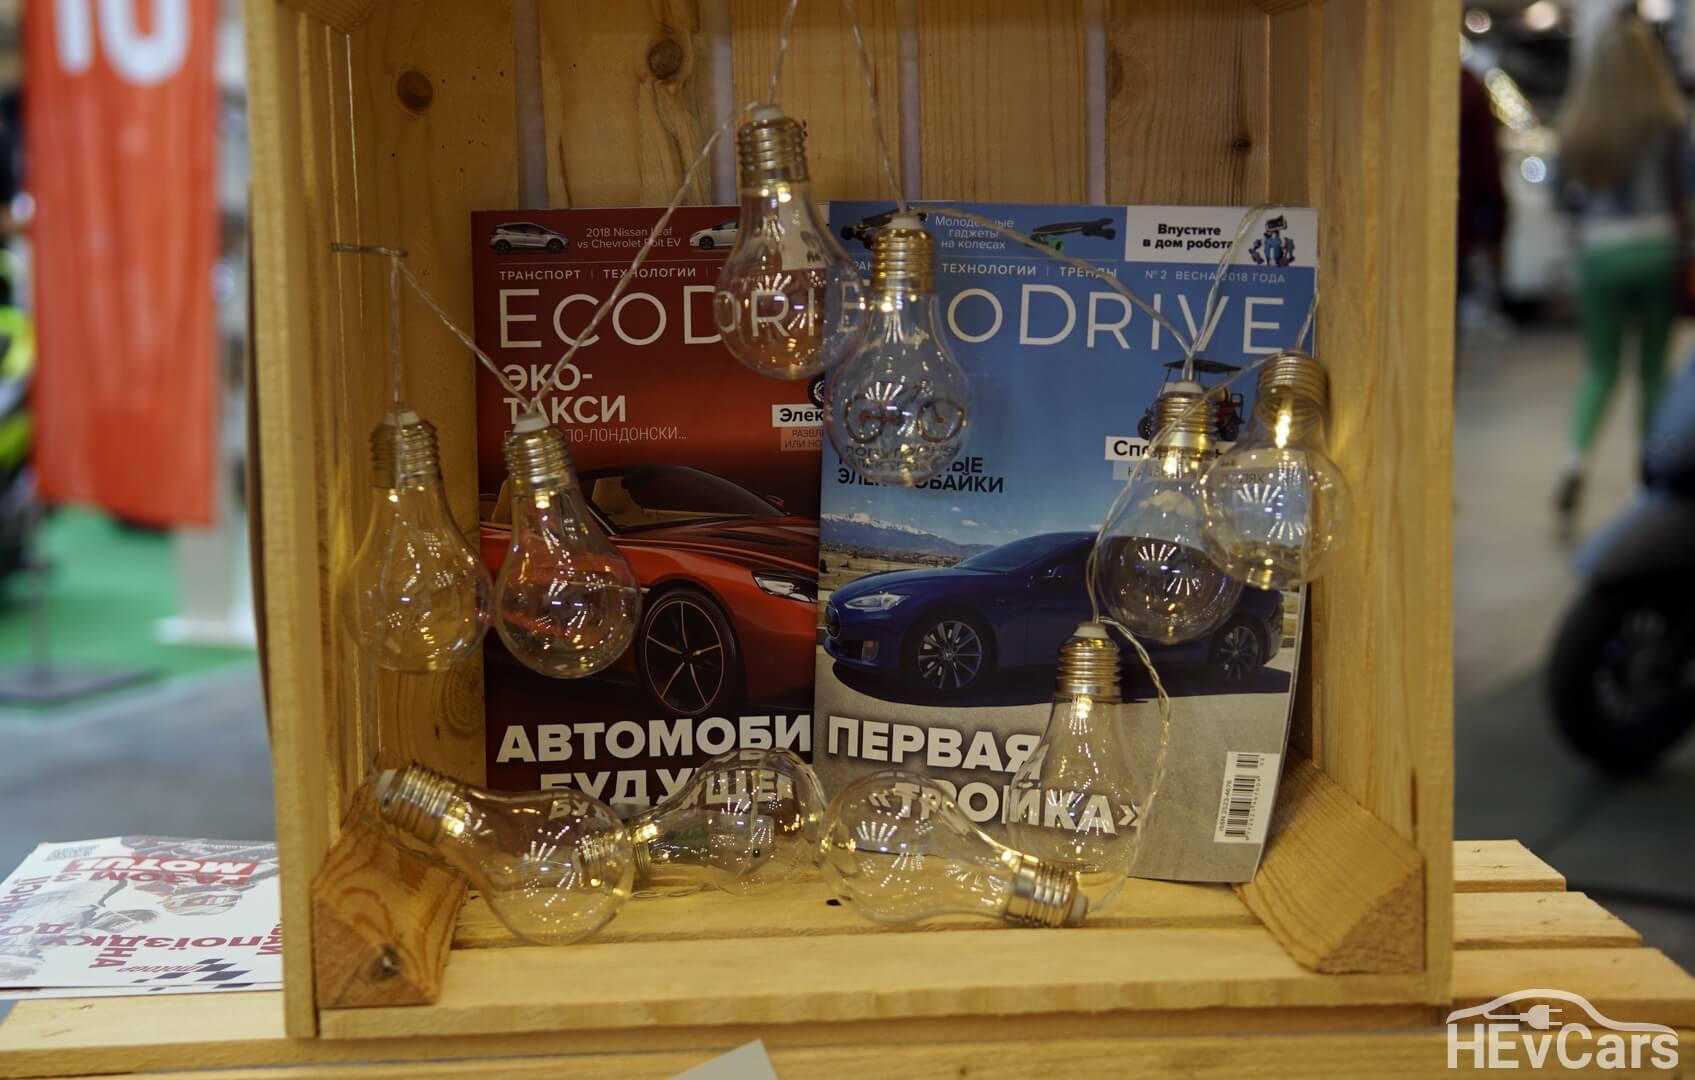 Первые 2 выпуска журнала, посвященного электрическим видам транспорта — Ecodrive